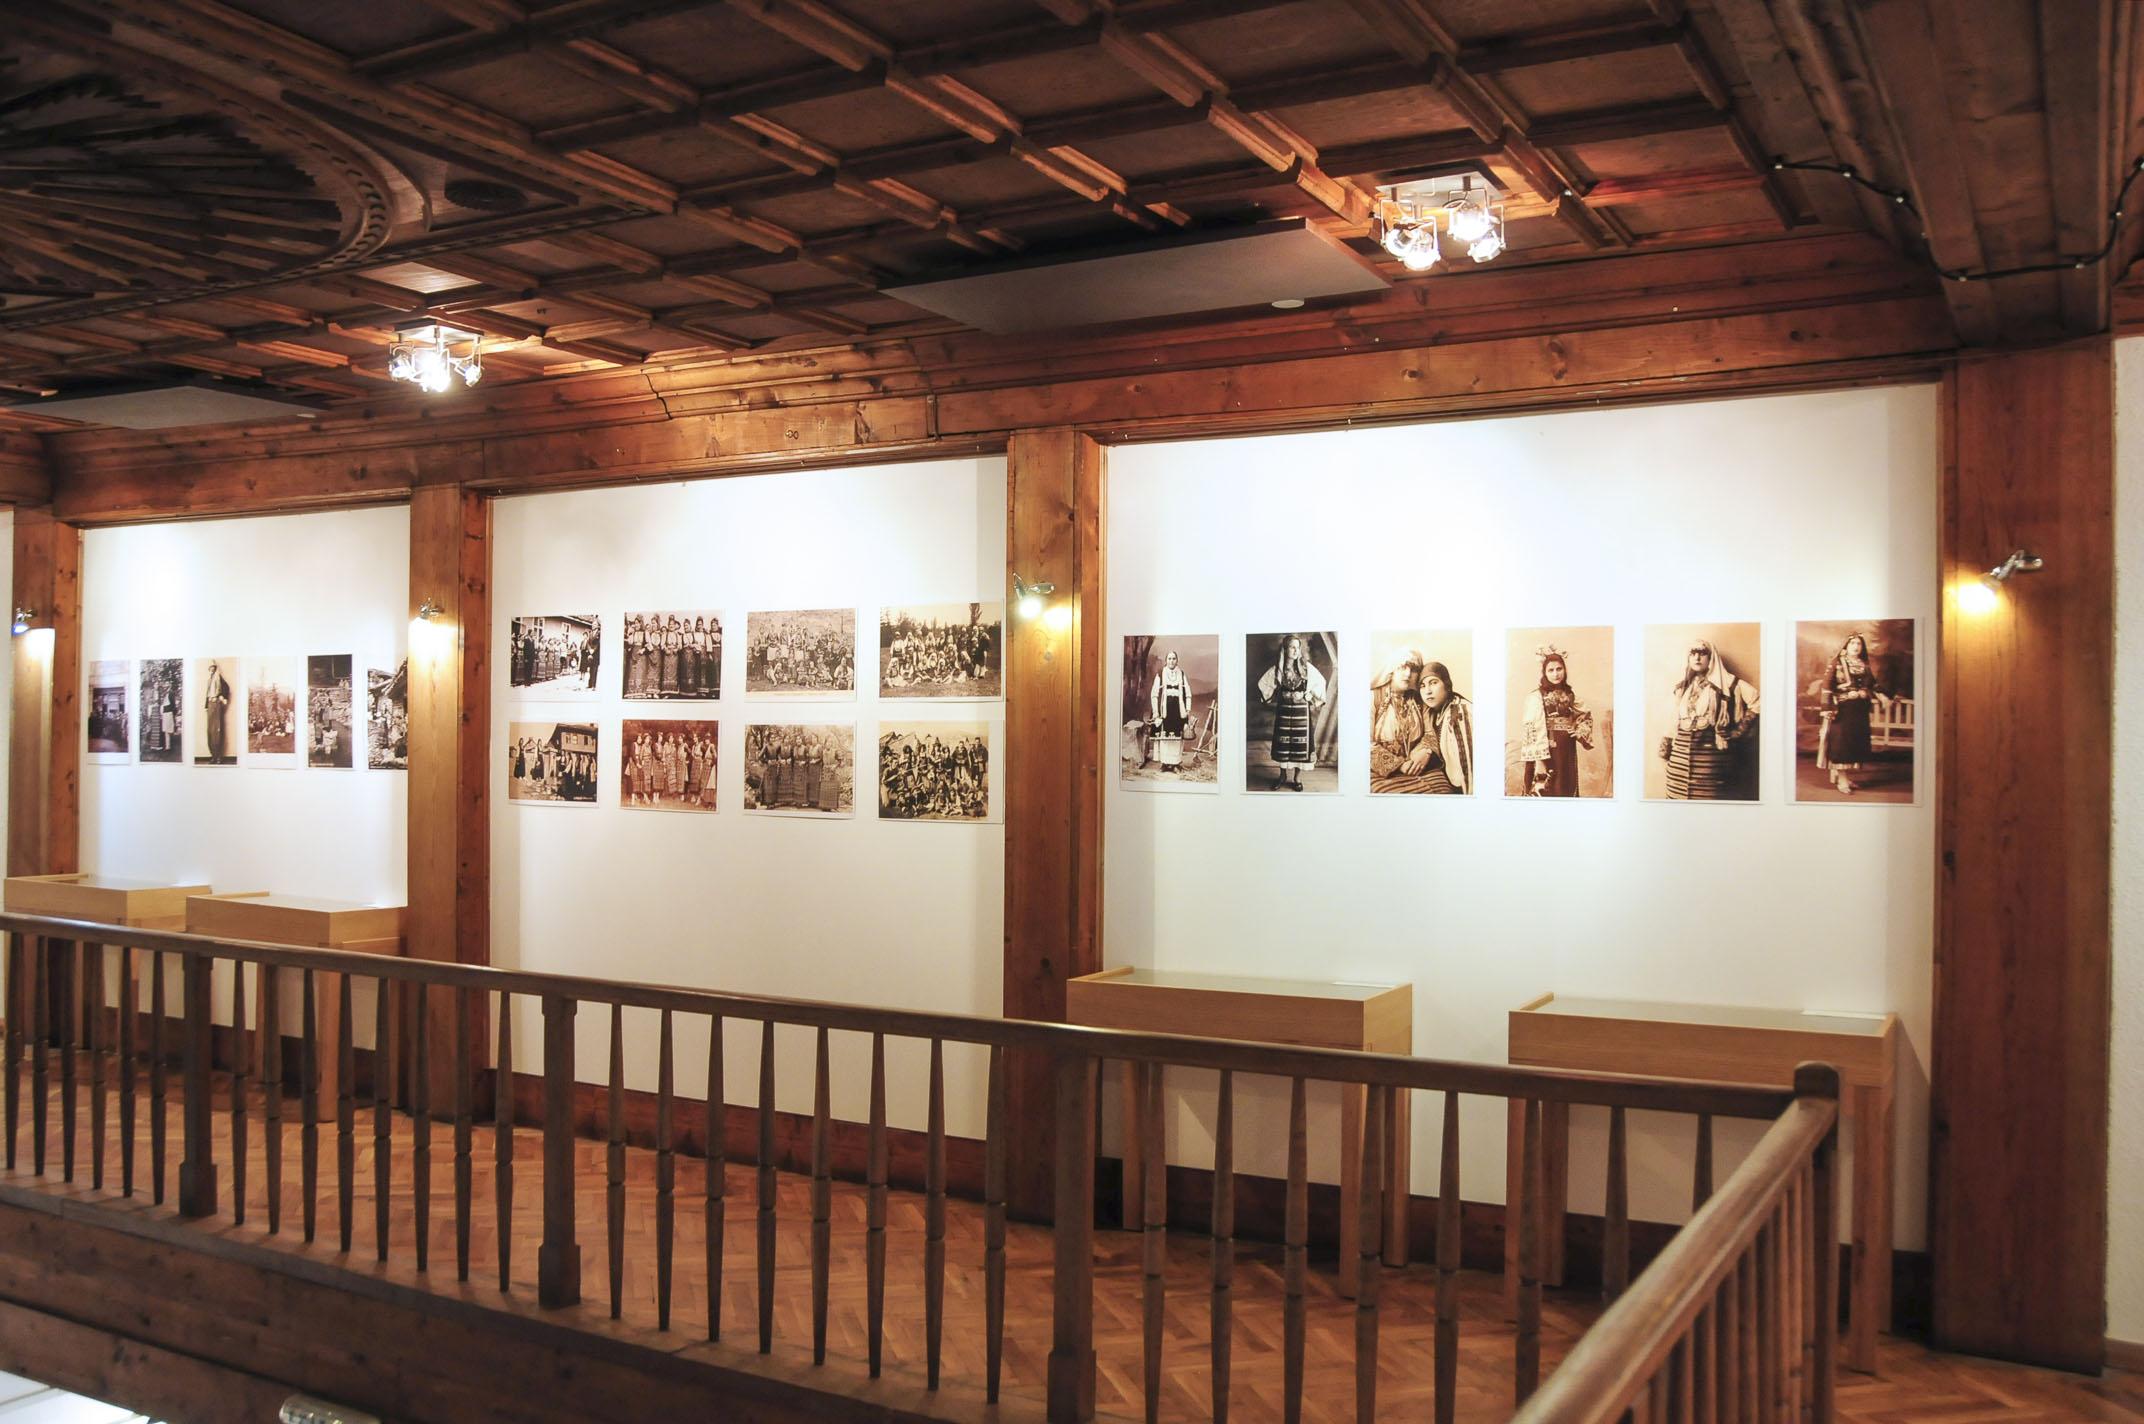 troyan-museum-bylgarsko-zlatarsko-izkustvo-35